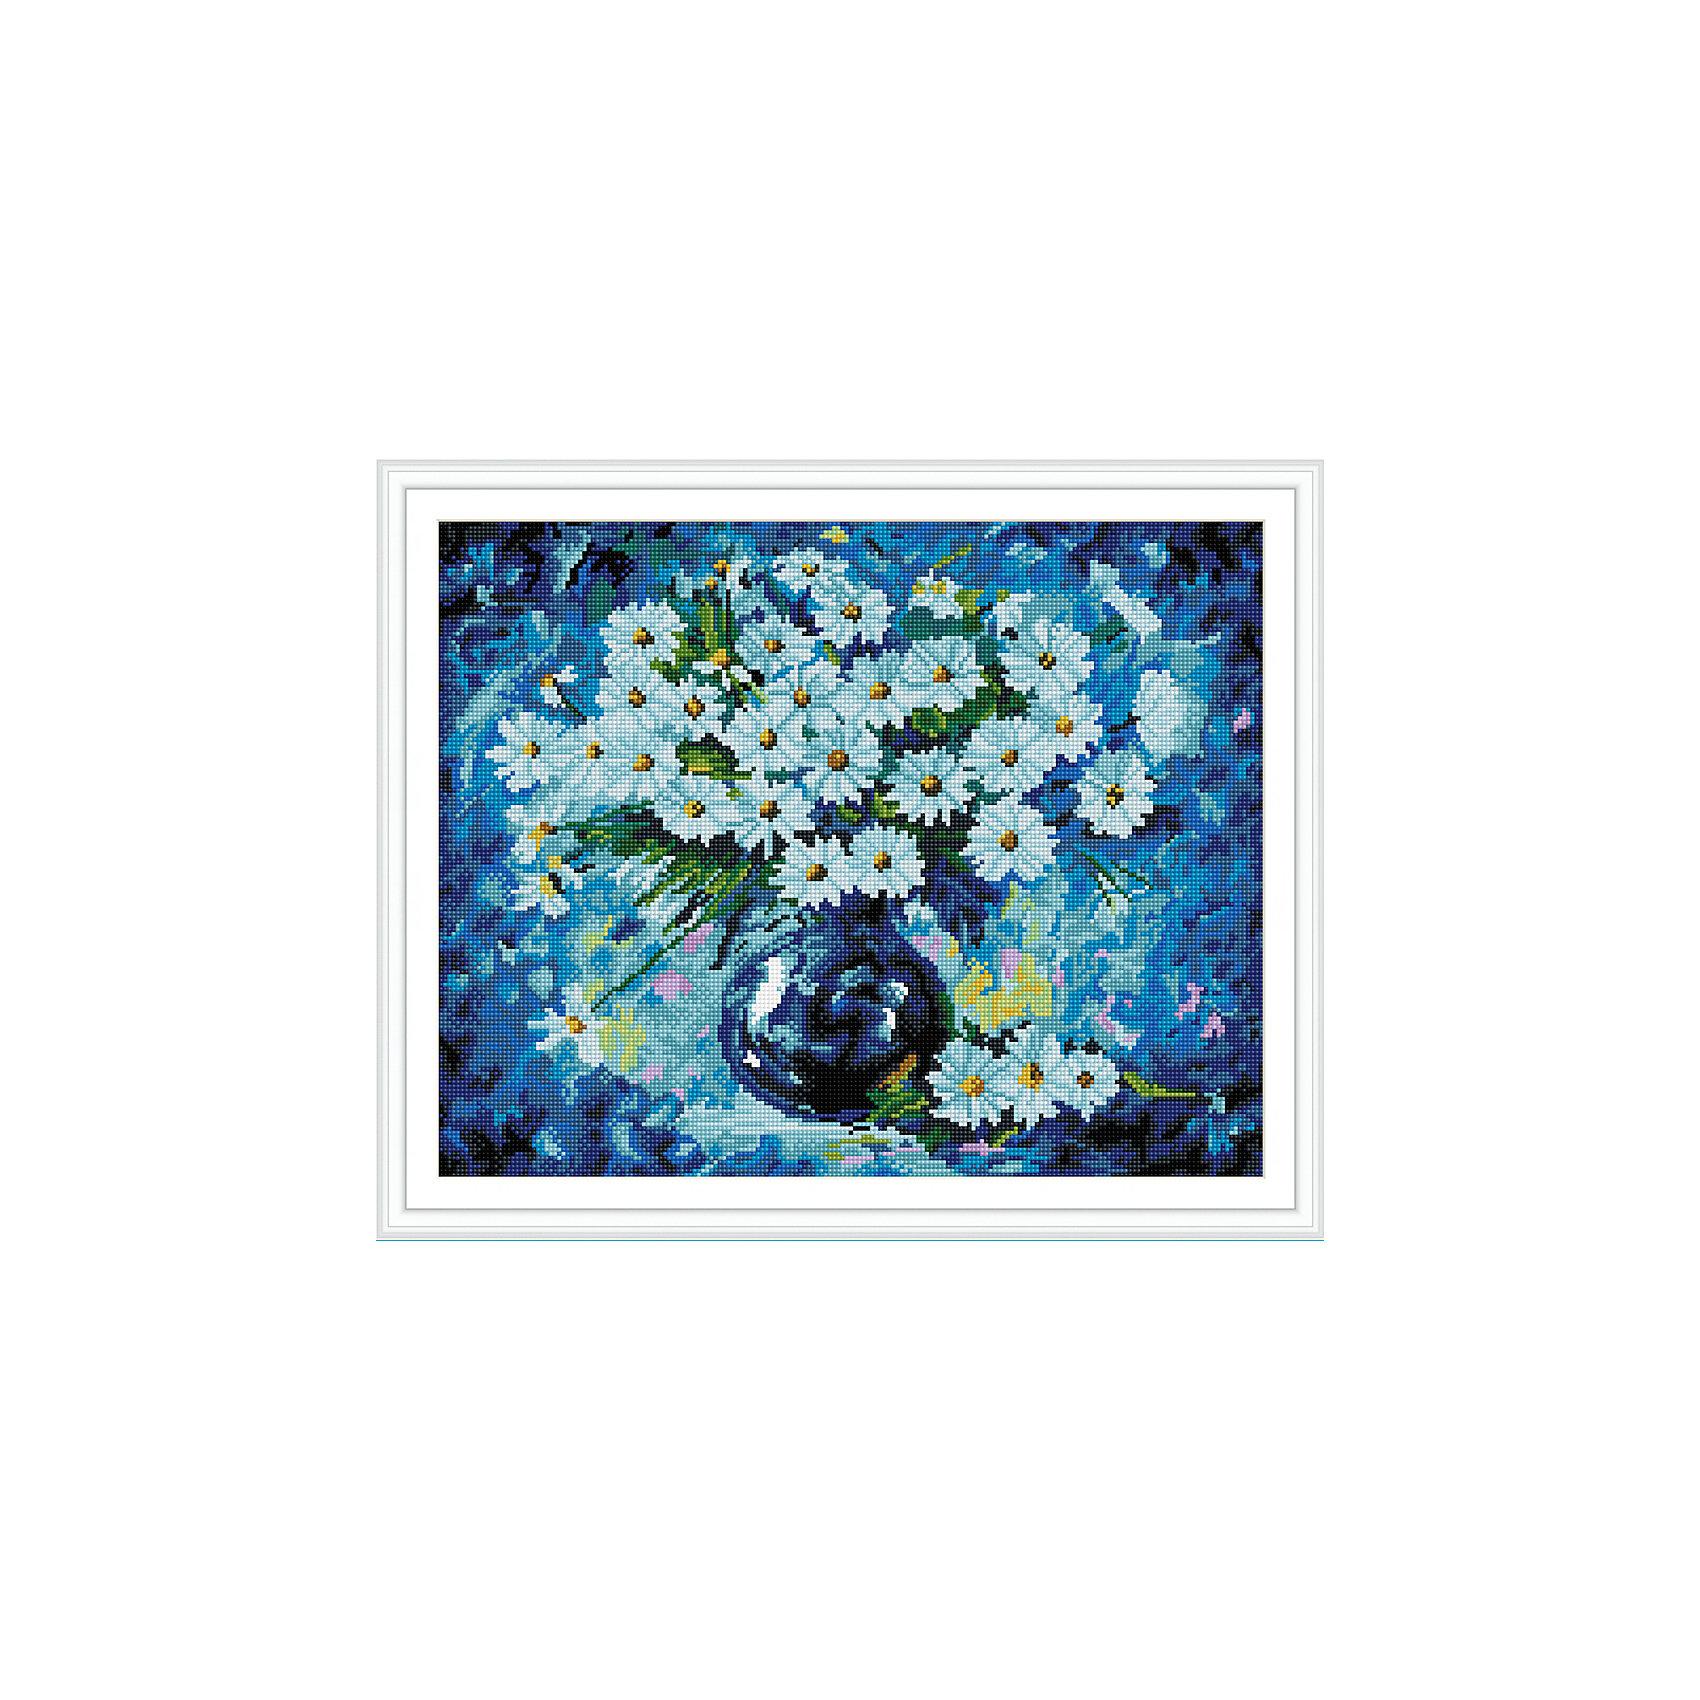 Алмазная мозаика по номерам Ромашки на синем 40*50 см (на подрамнике)Последняя цена<br>Характеристики товара:<br><br>• размер: 40x50 см<br>• размер упаковки: 42x52х5 см<br>• комплектация: холст на подрамнике 40х50 см, комплект искусственных камней, пинцет, пластмассовый лоток для камней, пластмассовый карандаш для камней, клей<br>• материал: акрил, текстиль, пластик<br>• не требует специальных навыков<br>• для творчества<br>• страна бренда: Российская Федерация<br>• страна производства: Китай<br><br>Алмазная мозаика в настоящий момент очень популярна, и это не удивительно! С помощью подобных наборов можно создавать красивые переливающиеся картины, при этом совсем не обязательно иметь опыт рукоделия. В набор для создания алмазной мозаики входит основа, на которую нужно наклеить небольшие камни - поля пронумерованы, поэтому найти для них правильное место не составит труда. В итоге получается картина, которой можно украсить помещение или подарить кому-то!<br>Набор станет отличным подарком для взрослых и детей. Подобные занятия помогают ребенку развивать важные навыки и способности, они активизирует мышление, формируют усидчивость, логику, абстрактное мышление и воображение. Изделие производится из качественных и проверенных материалов, которые безопасны для детей.<br><br>Алмазную мозаику по номерам Ромашки на синем 40*50 см (на подрамнике) от бренда Tukzar можно купить в нашем интернет-магазине.<br><br>Ширина мм: 420<br>Глубина мм: 520<br>Высота мм: 50<br>Вес г: 900<br>Возраст от месяцев: 96<br>Возраст до месяцев: 2147483647<br>Пол: Женский<br>Возраст: Детский<br>SKU: 5217075